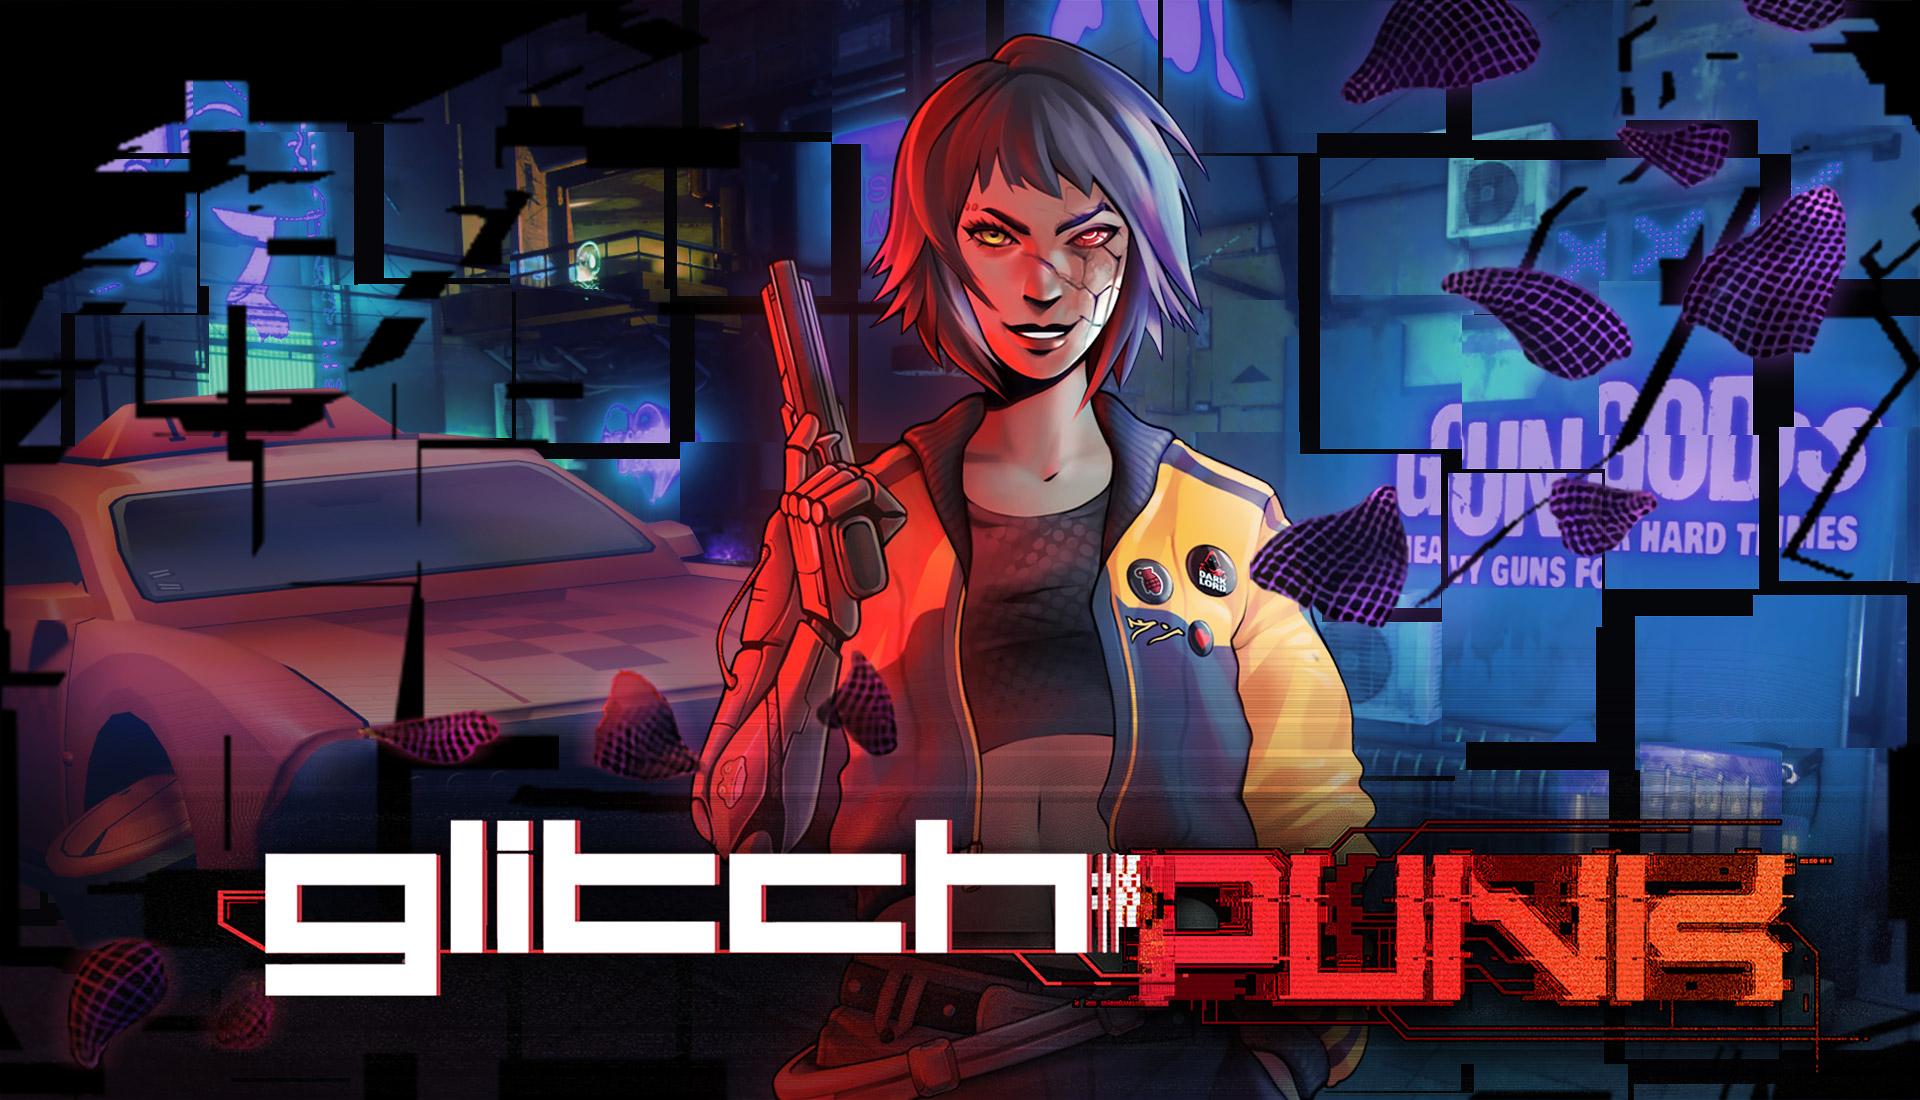 Glitchpunk, annunciata la data di uscita della versione in accesso anticipato